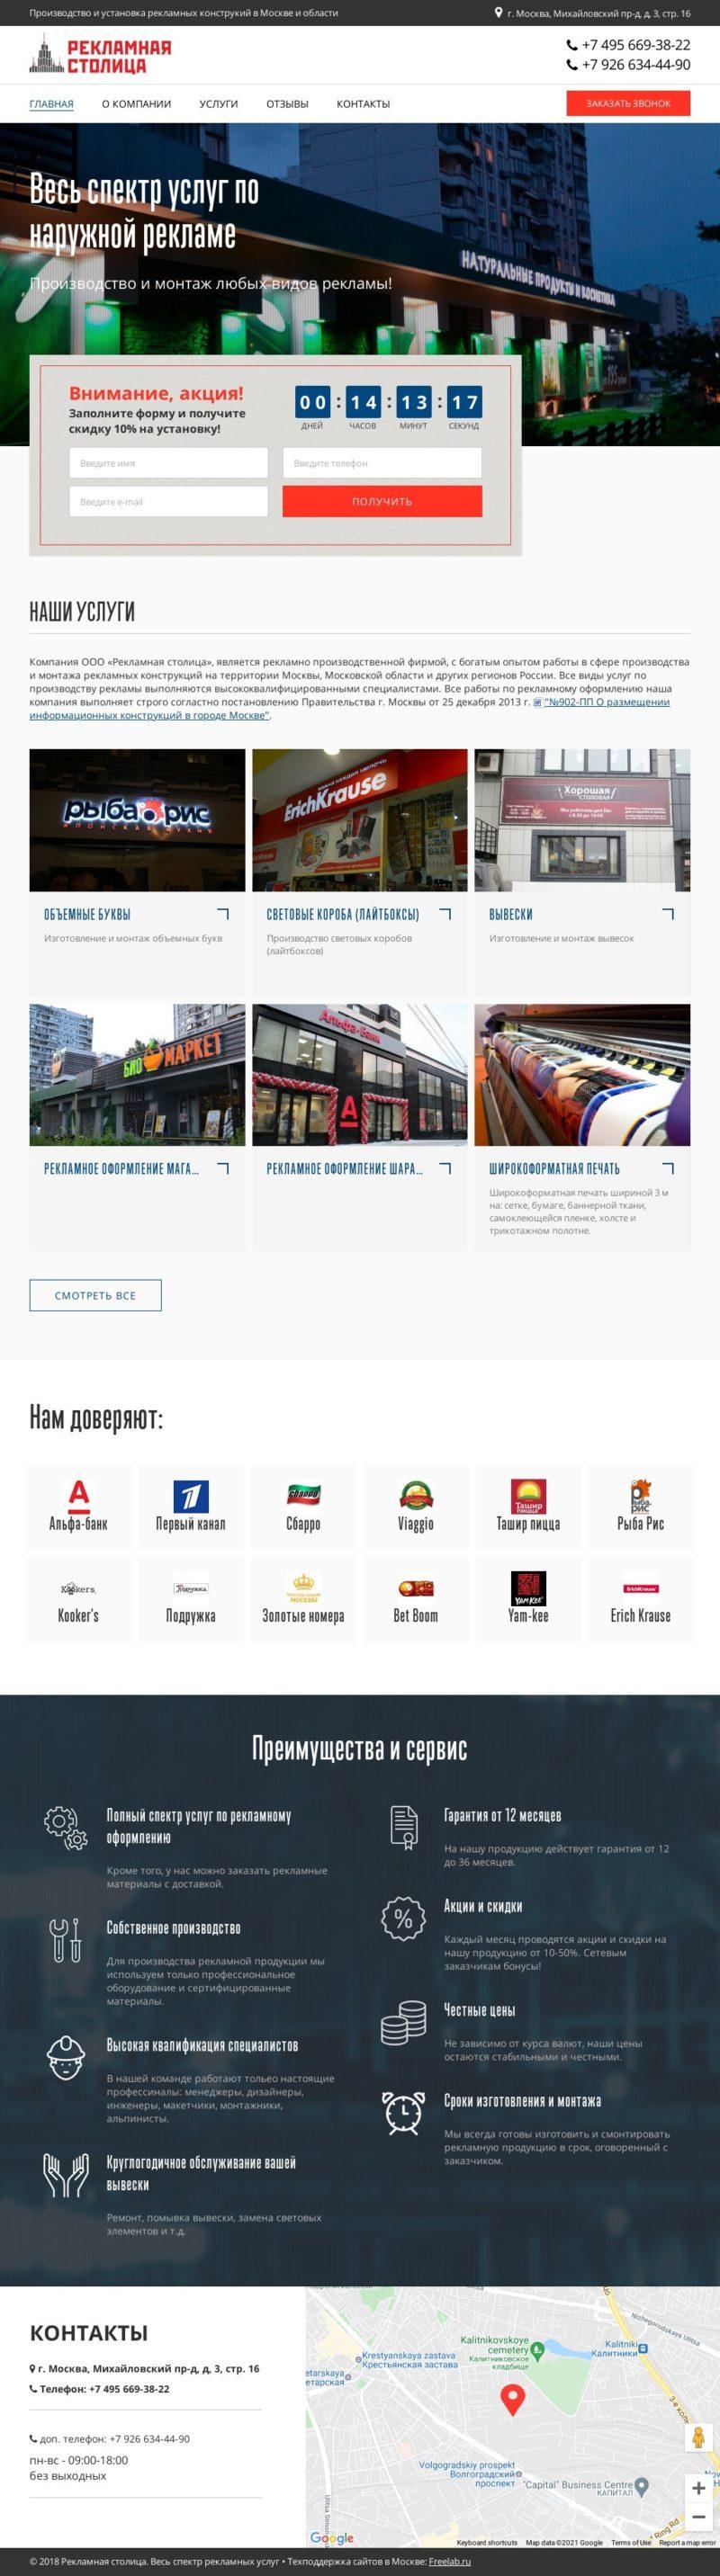 Разработка сайта для рекламного агенства Рекламная столица